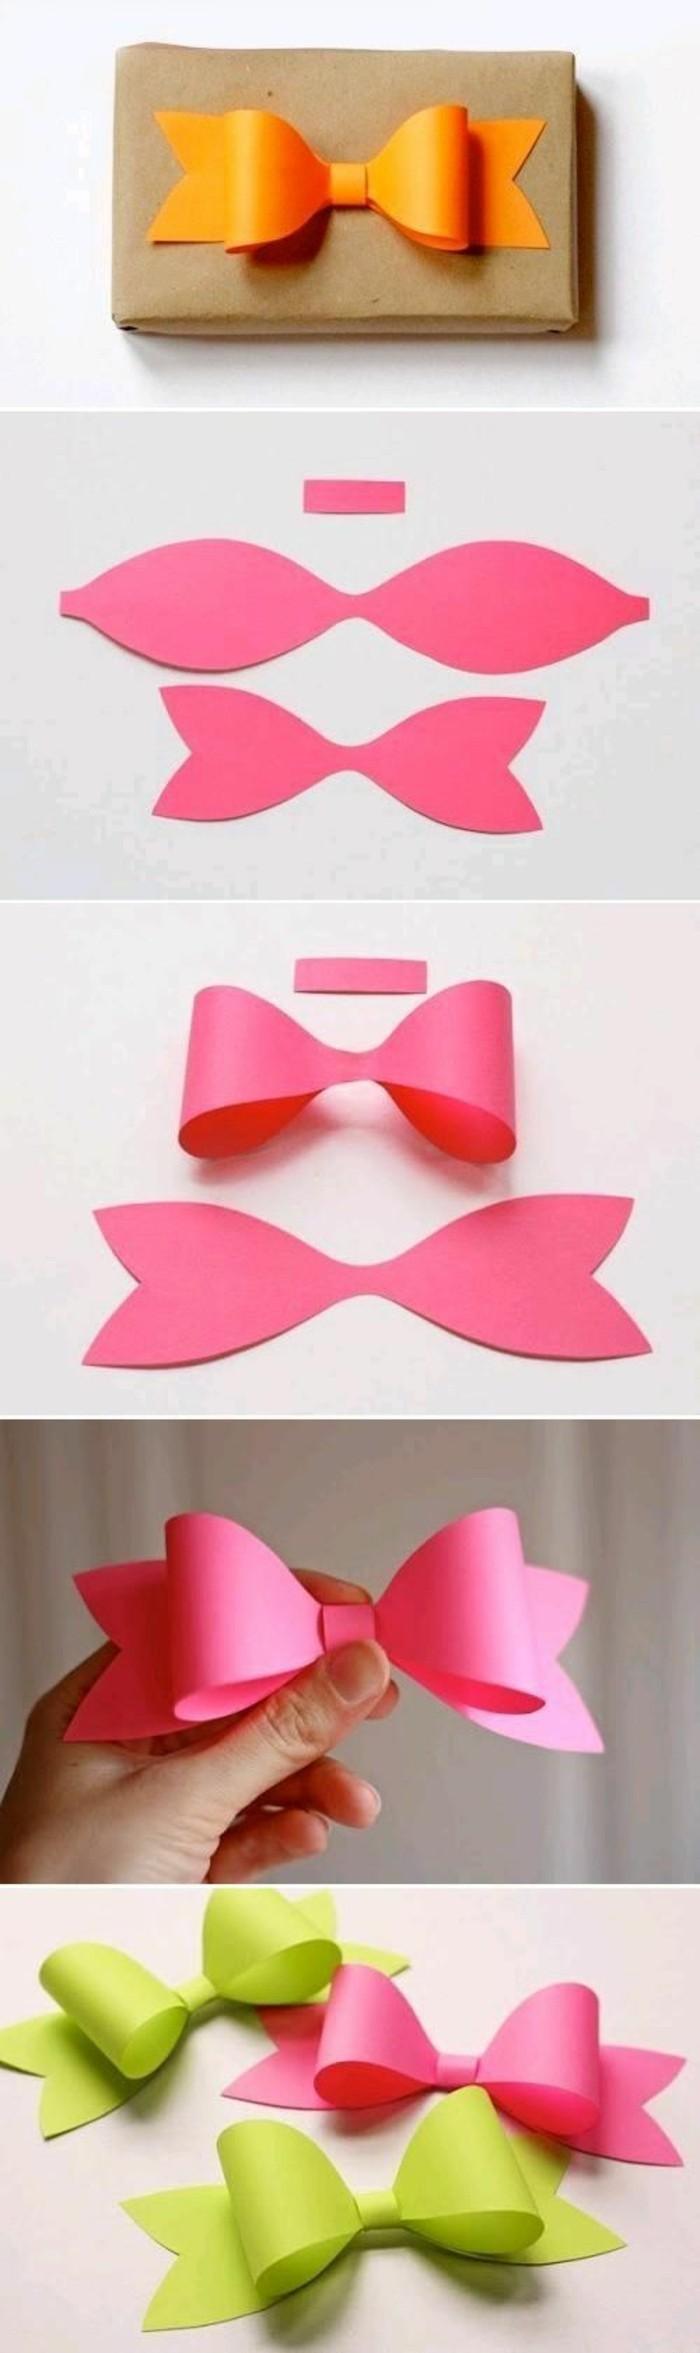 tutoriel comment faire des noeuds papillons en papier scrapbooking, que faire avec du papier coloré, idée emballage original